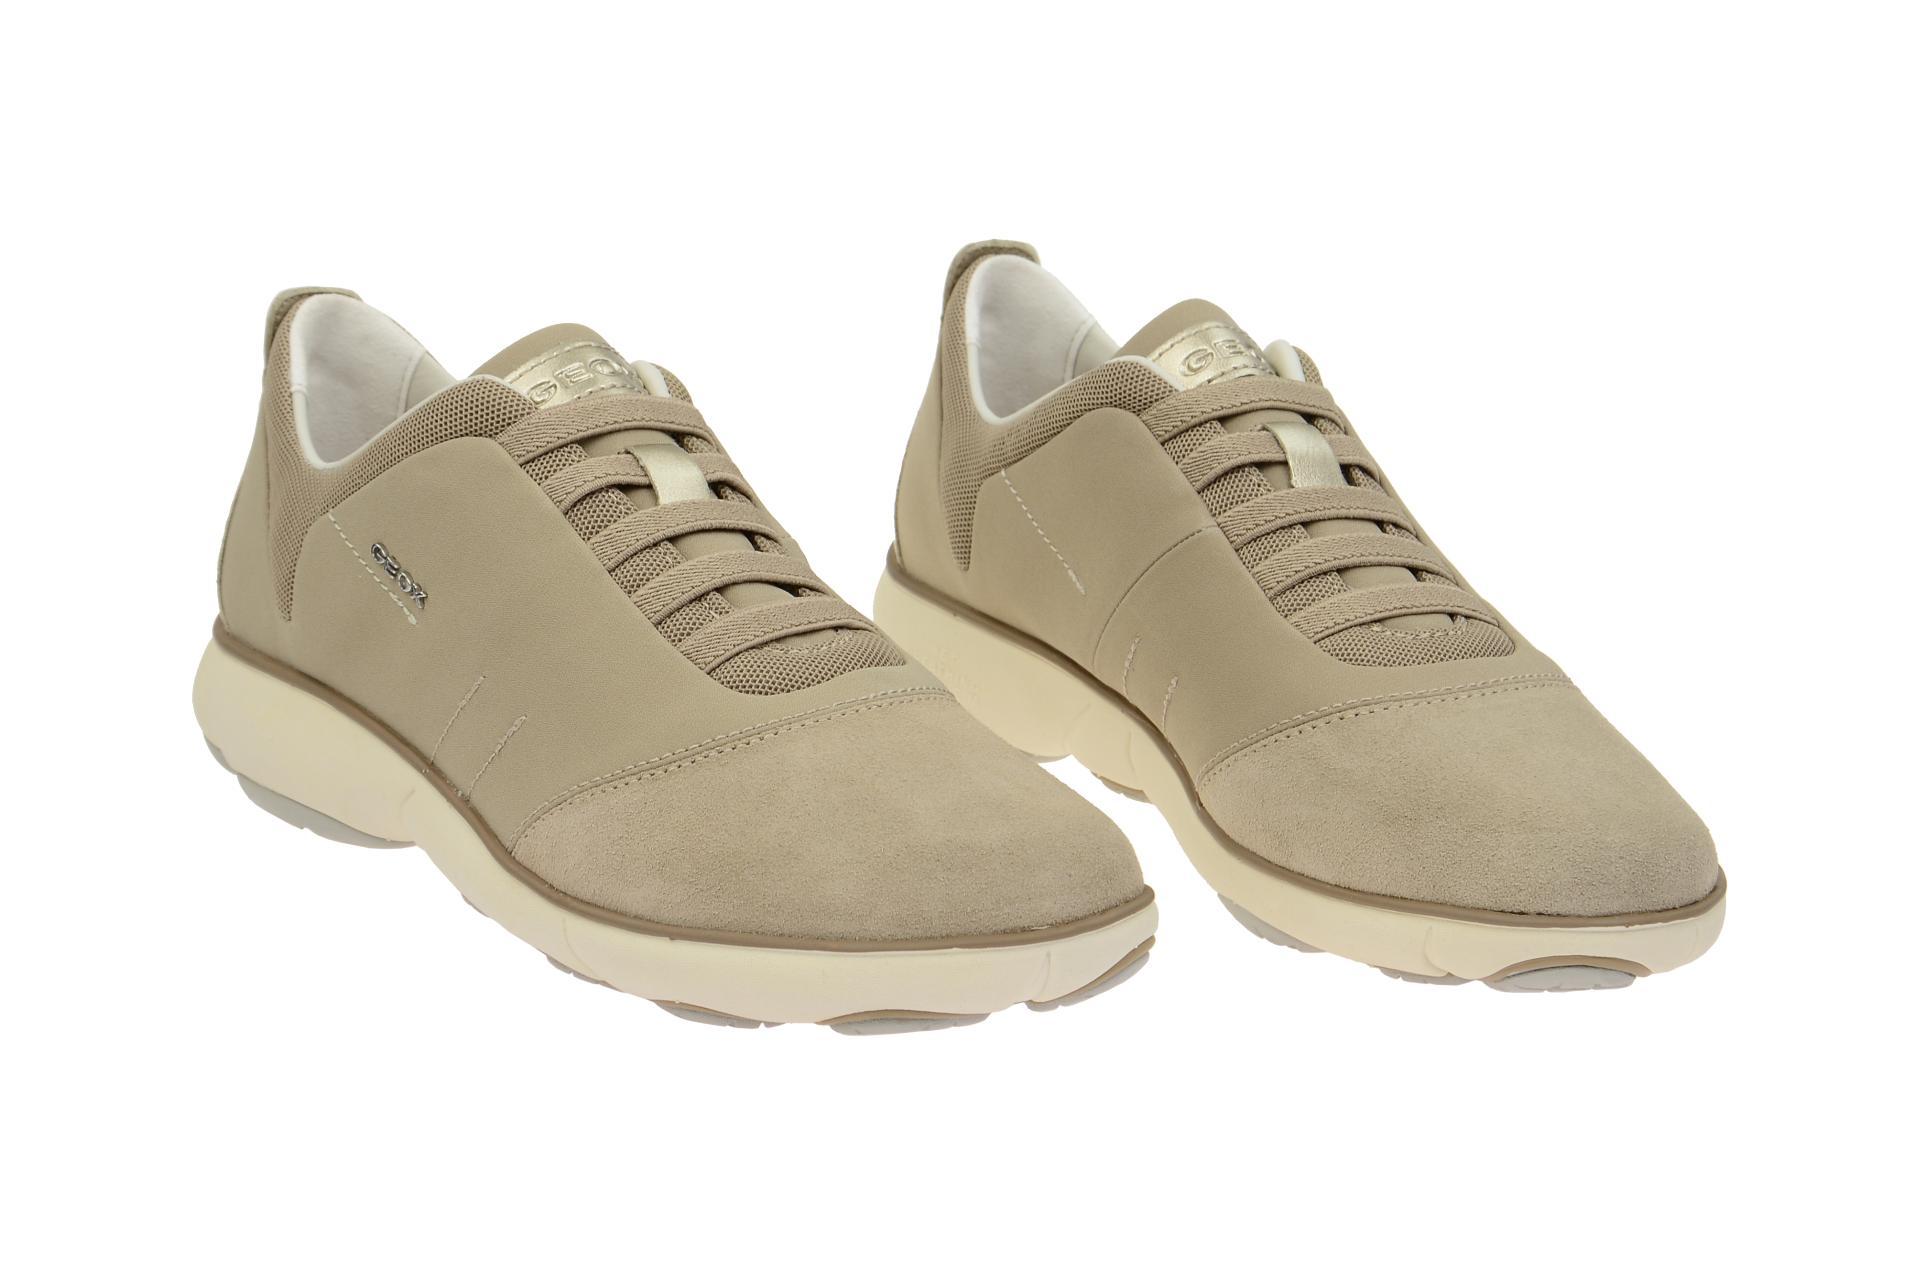 newest c8b9f 55d2e Details zu Geox Schuhe NEBULA beige Damenschuhe bequeme Slipper D621EC  01122 C6738 NEU